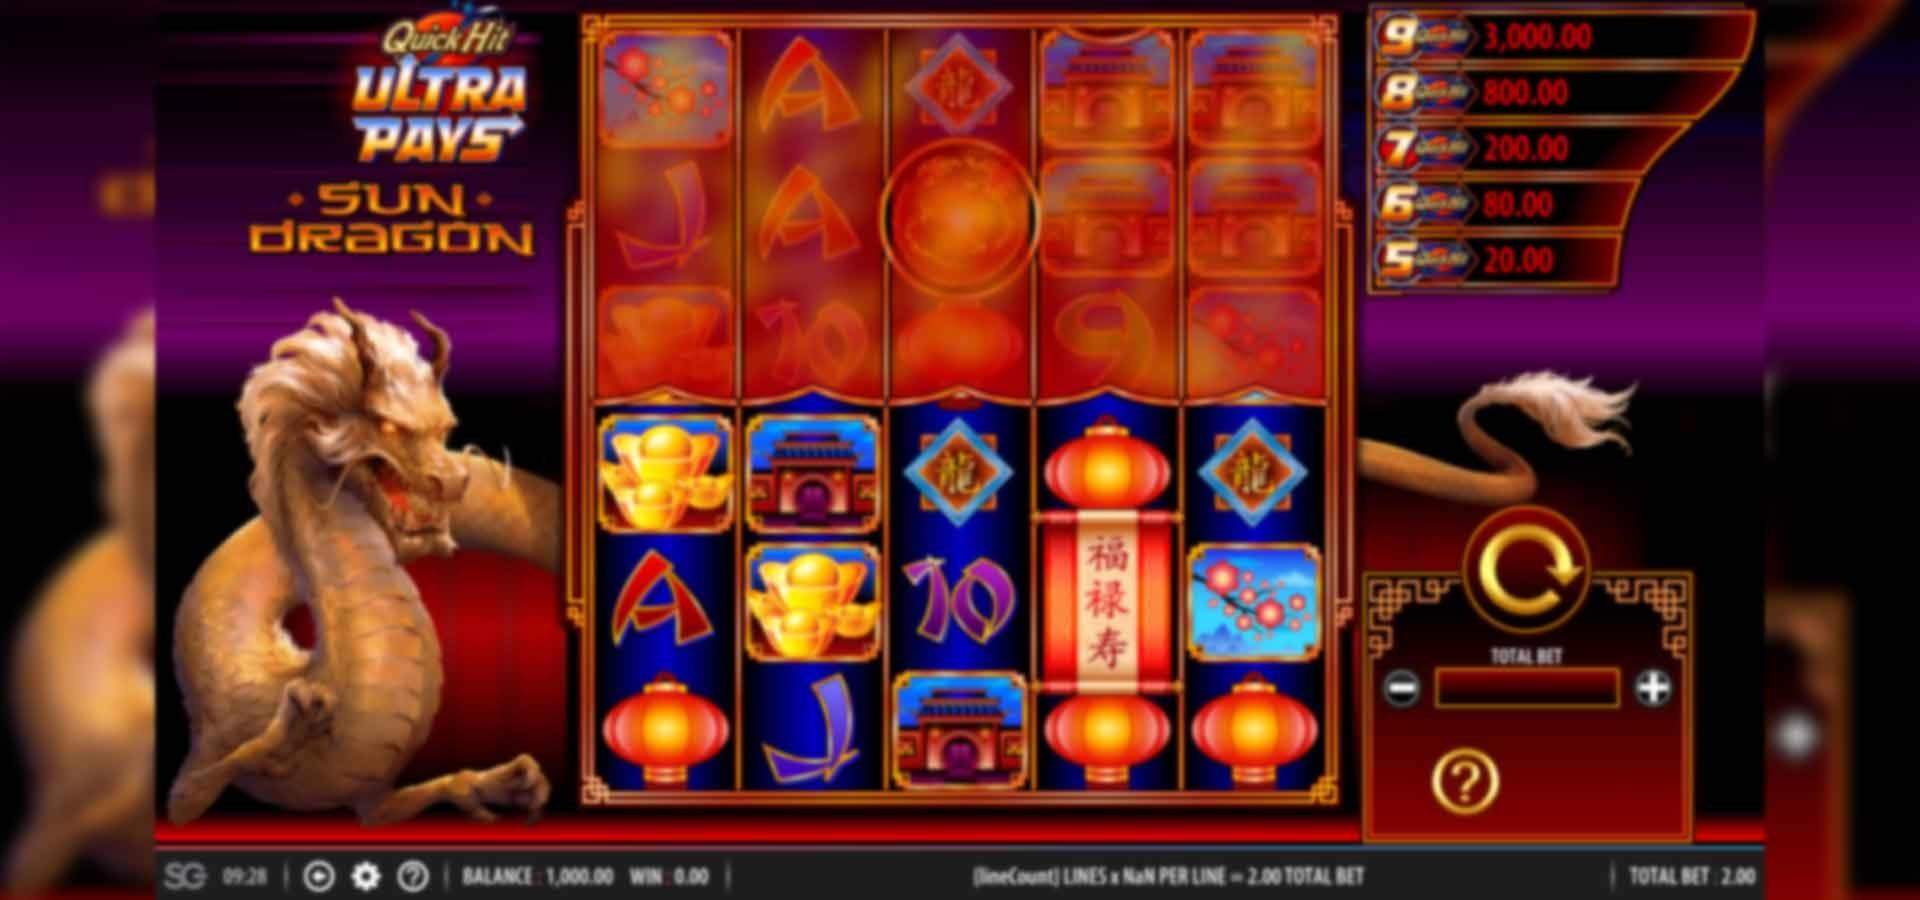 $555 FREE CASINO CHIP at Casino.com